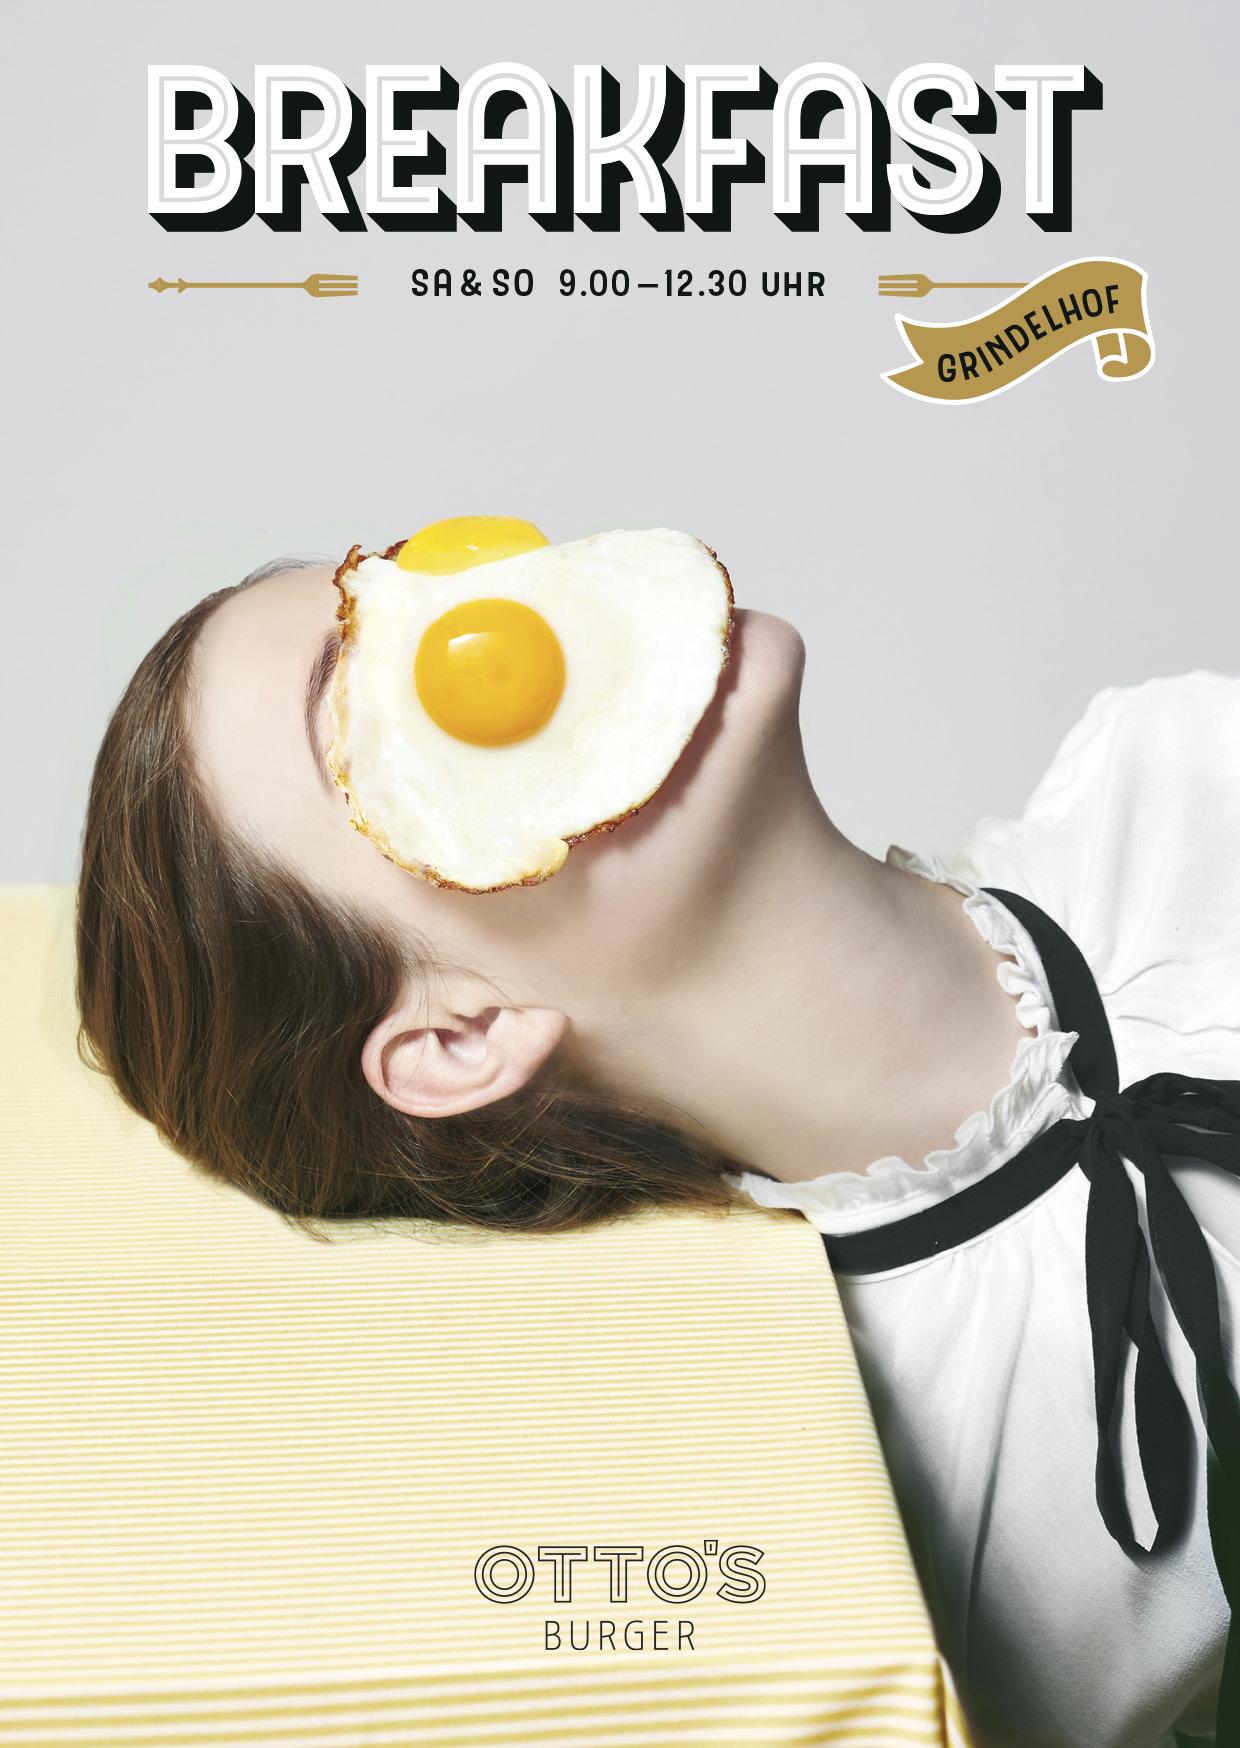 Otto's Burger Breakfast campaign